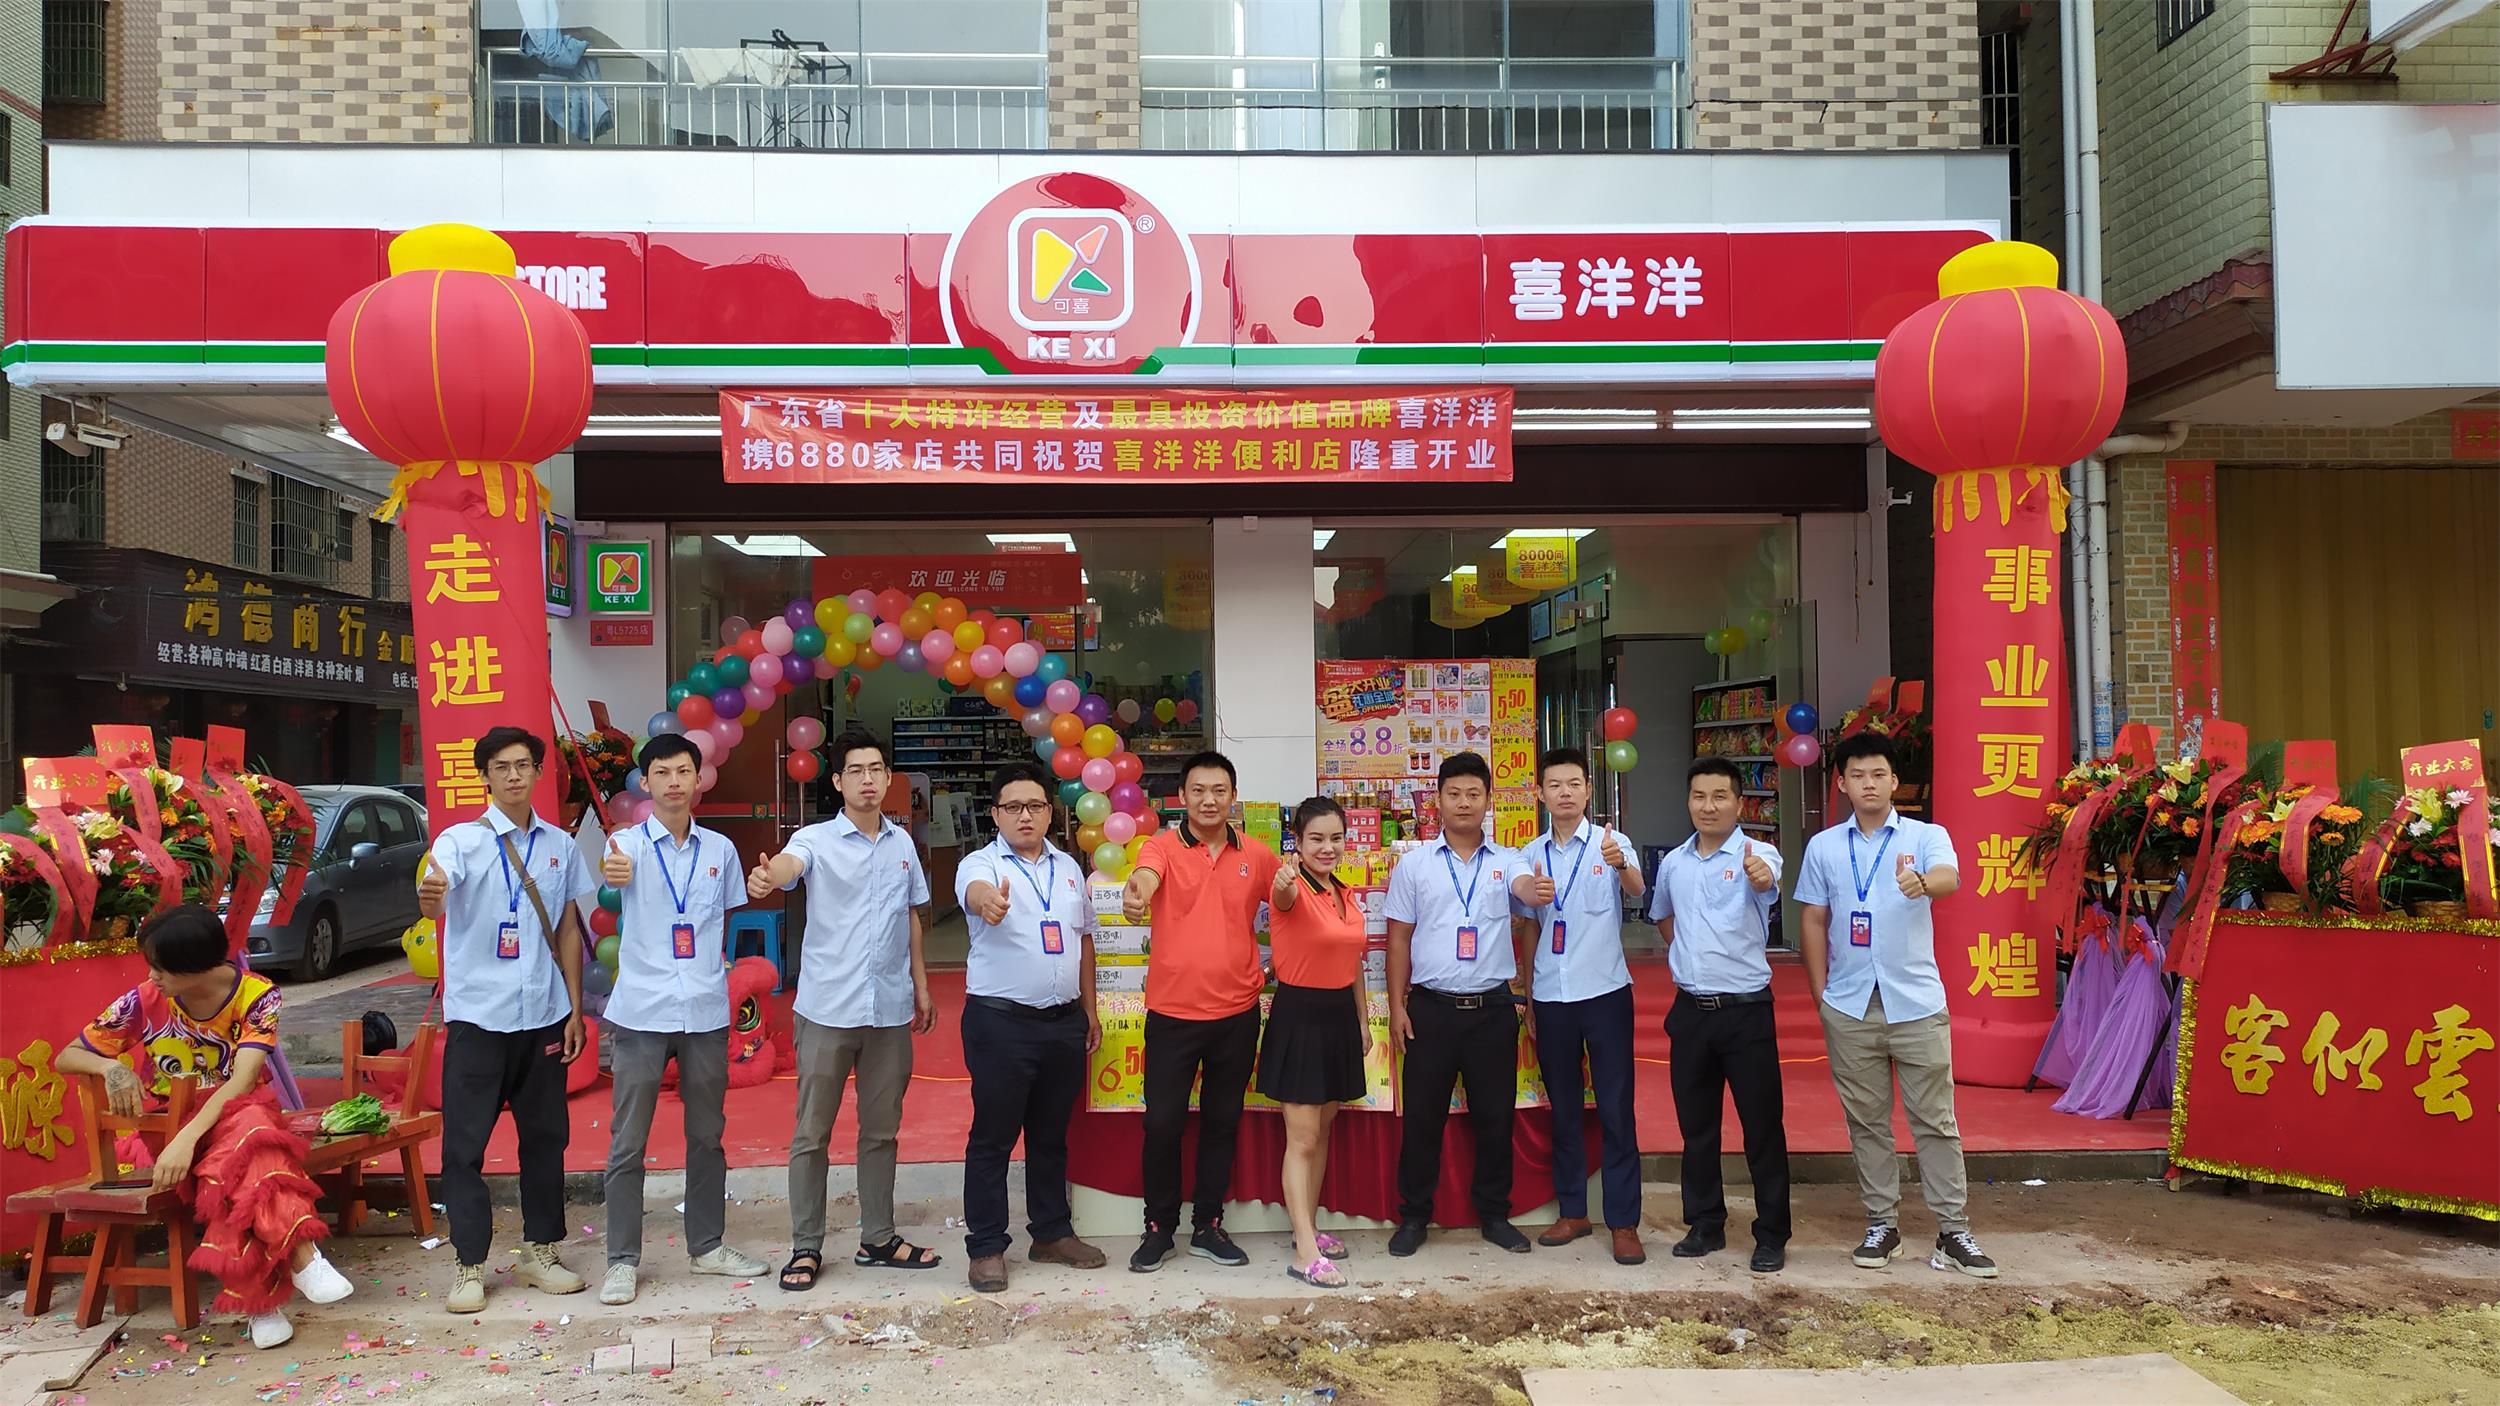 喜洋洋便利店全体员工恭祝惠城白云一分店9月8日隆重开业